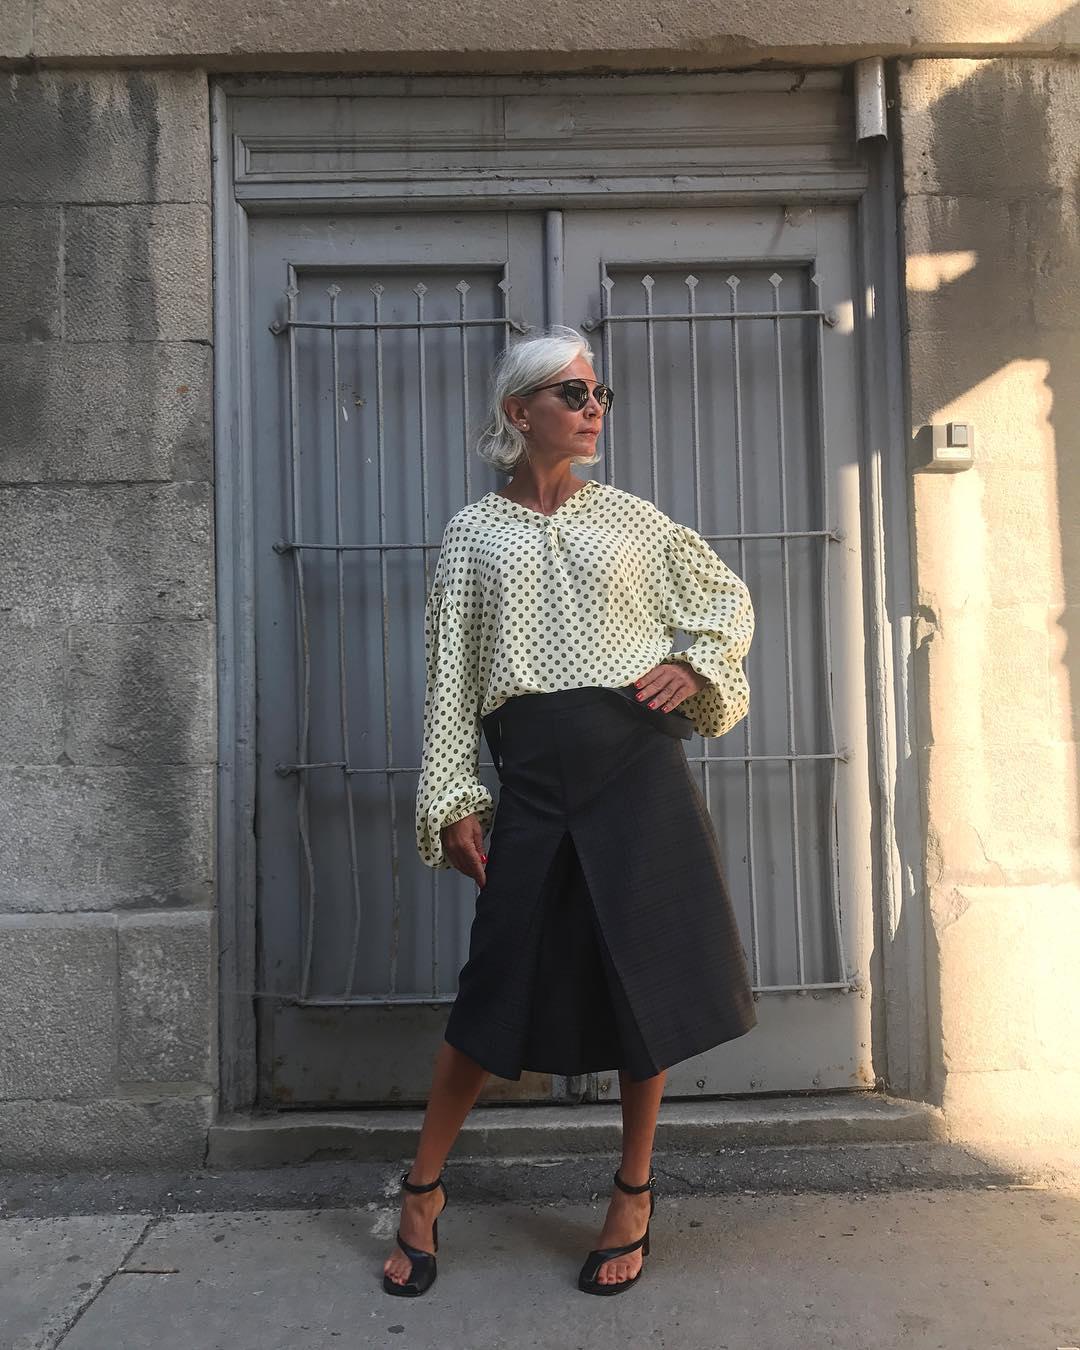 thời trang bất chấp tuổi tác của cụ bà tuổi 52 11